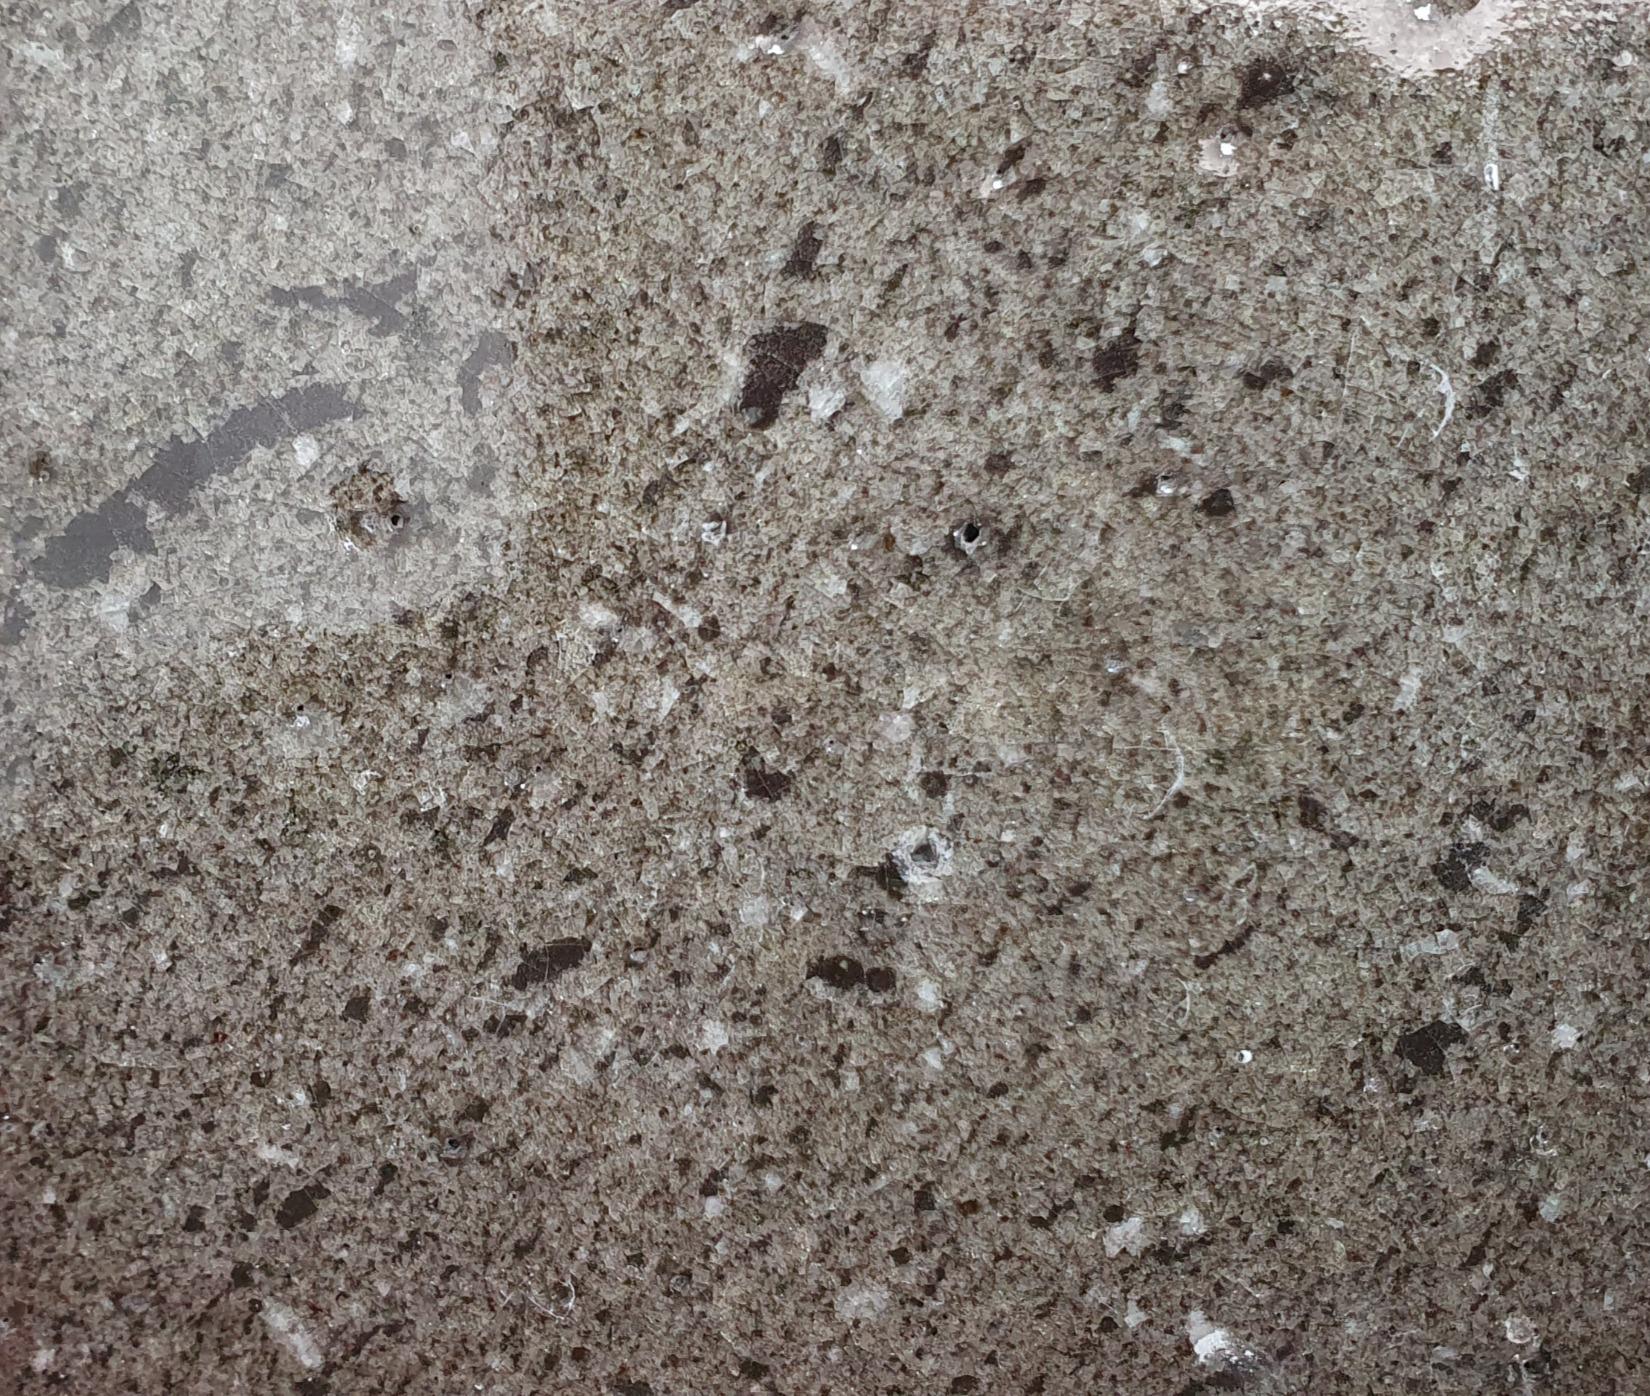 Transparent brillant sur couverte minérale